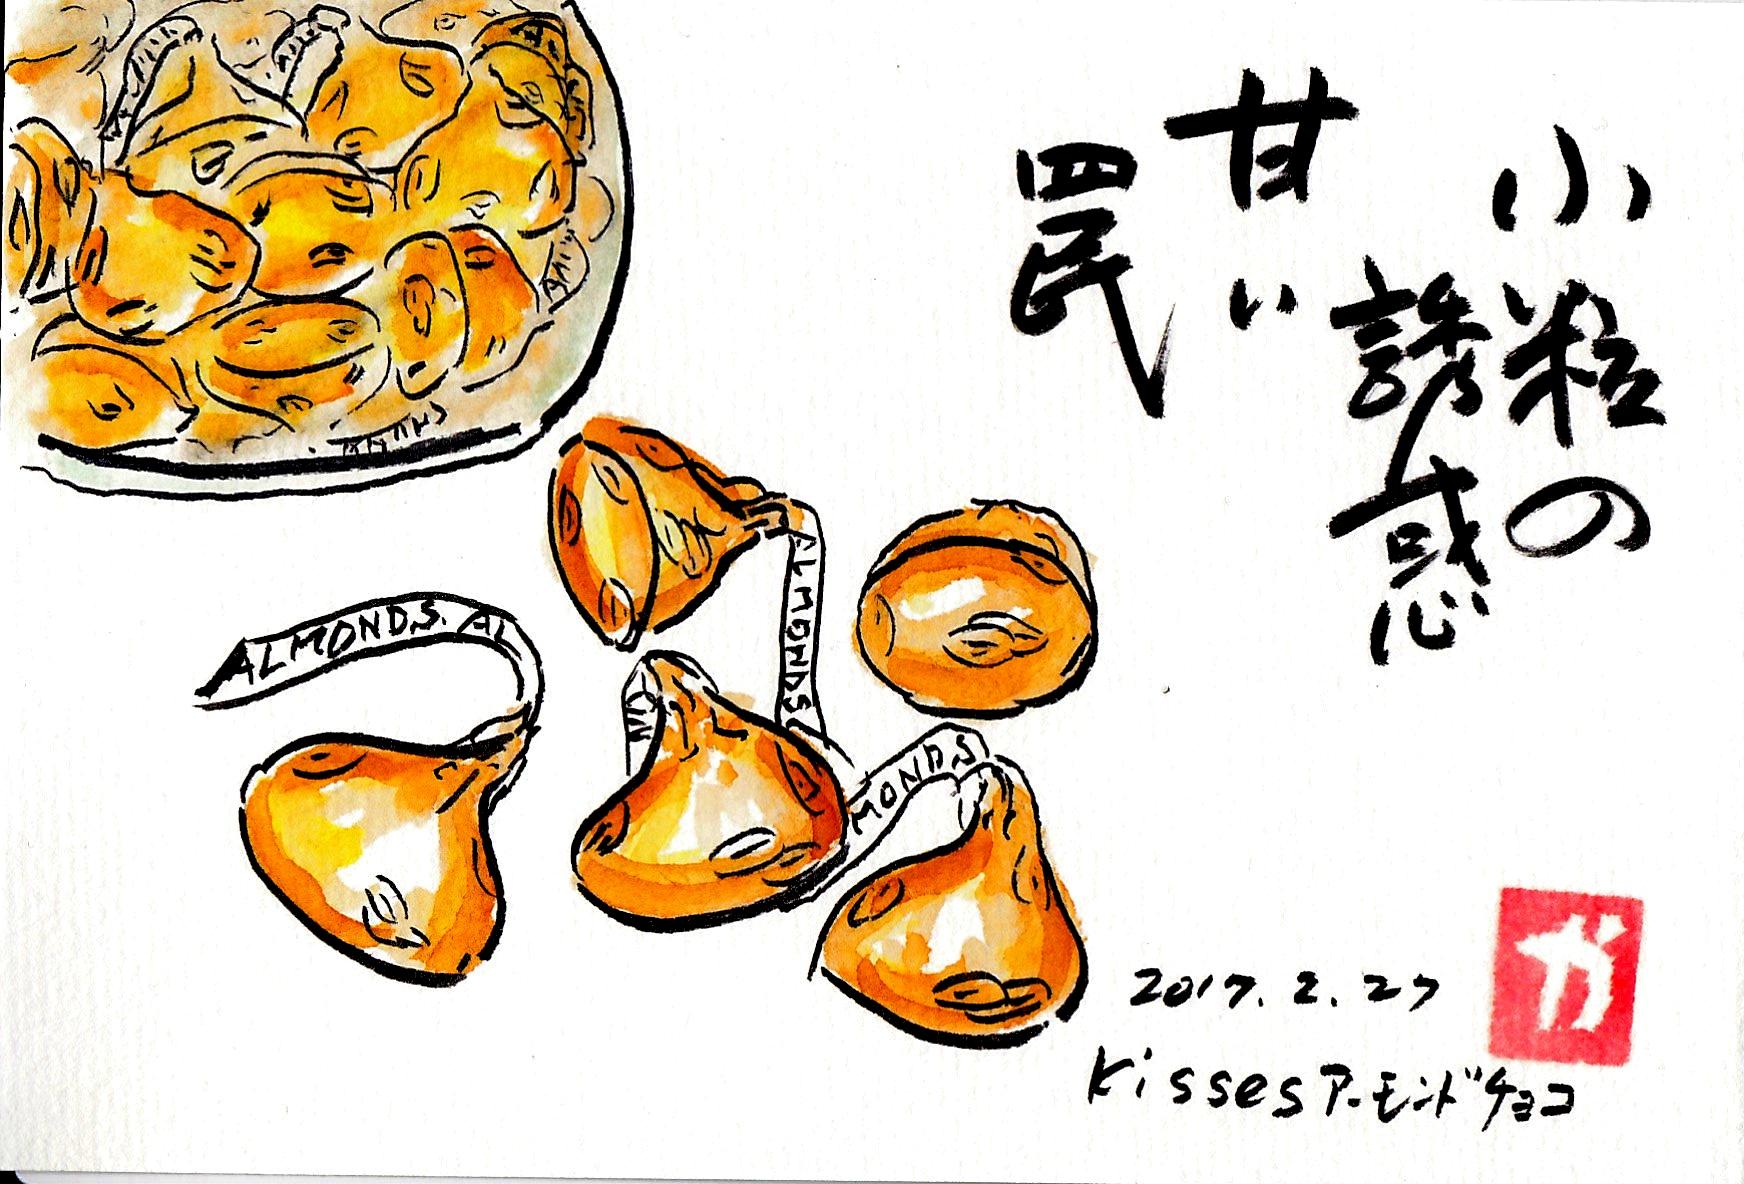 小粒の誘惑、甘い罠〜アーモンドチョコレート〜